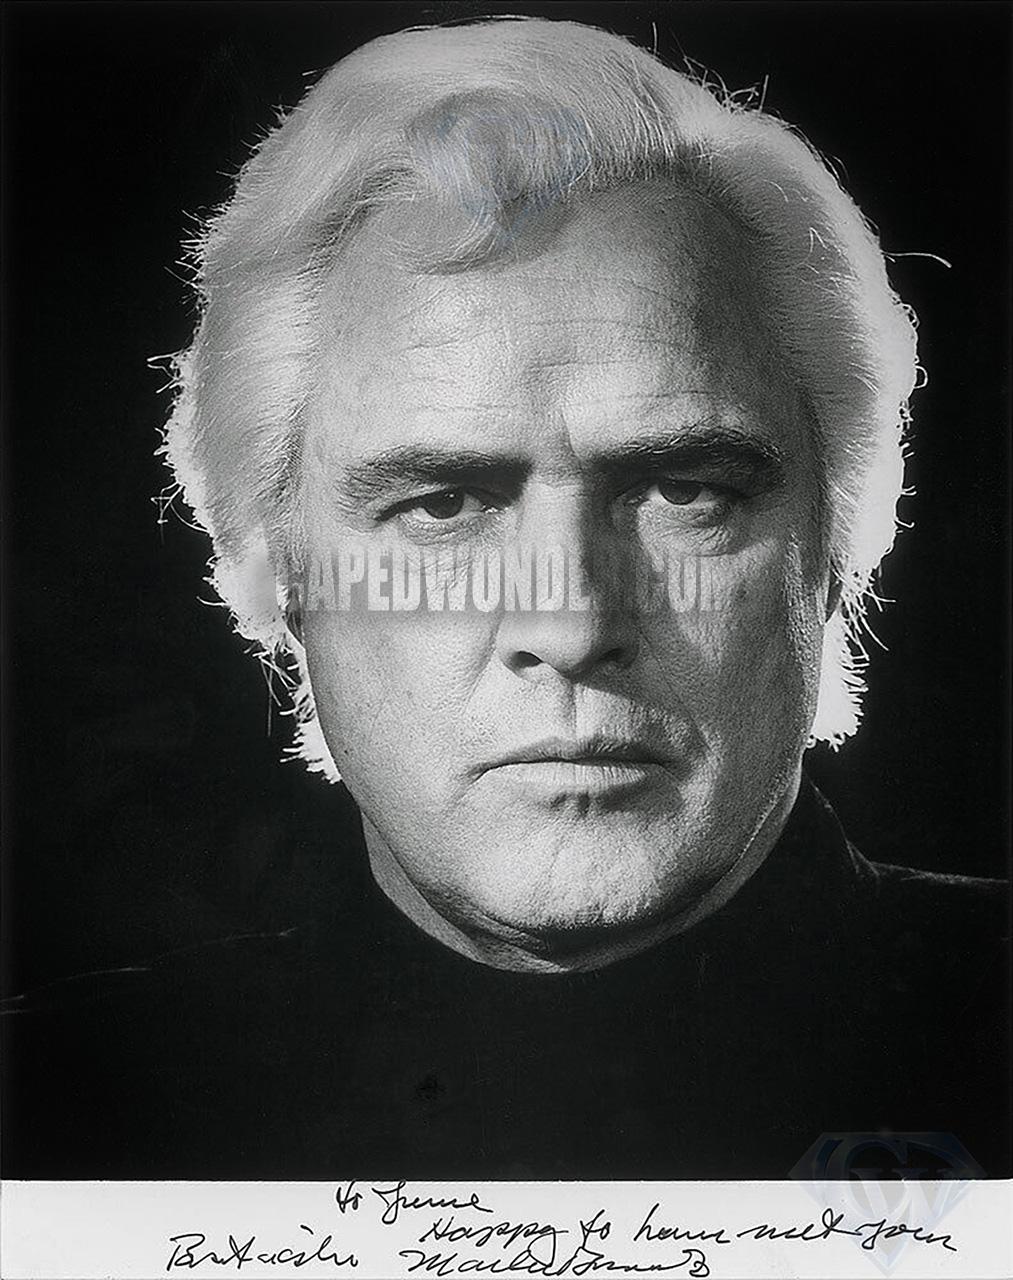 CW-STM-June-Broom-Brando-autograph_WM